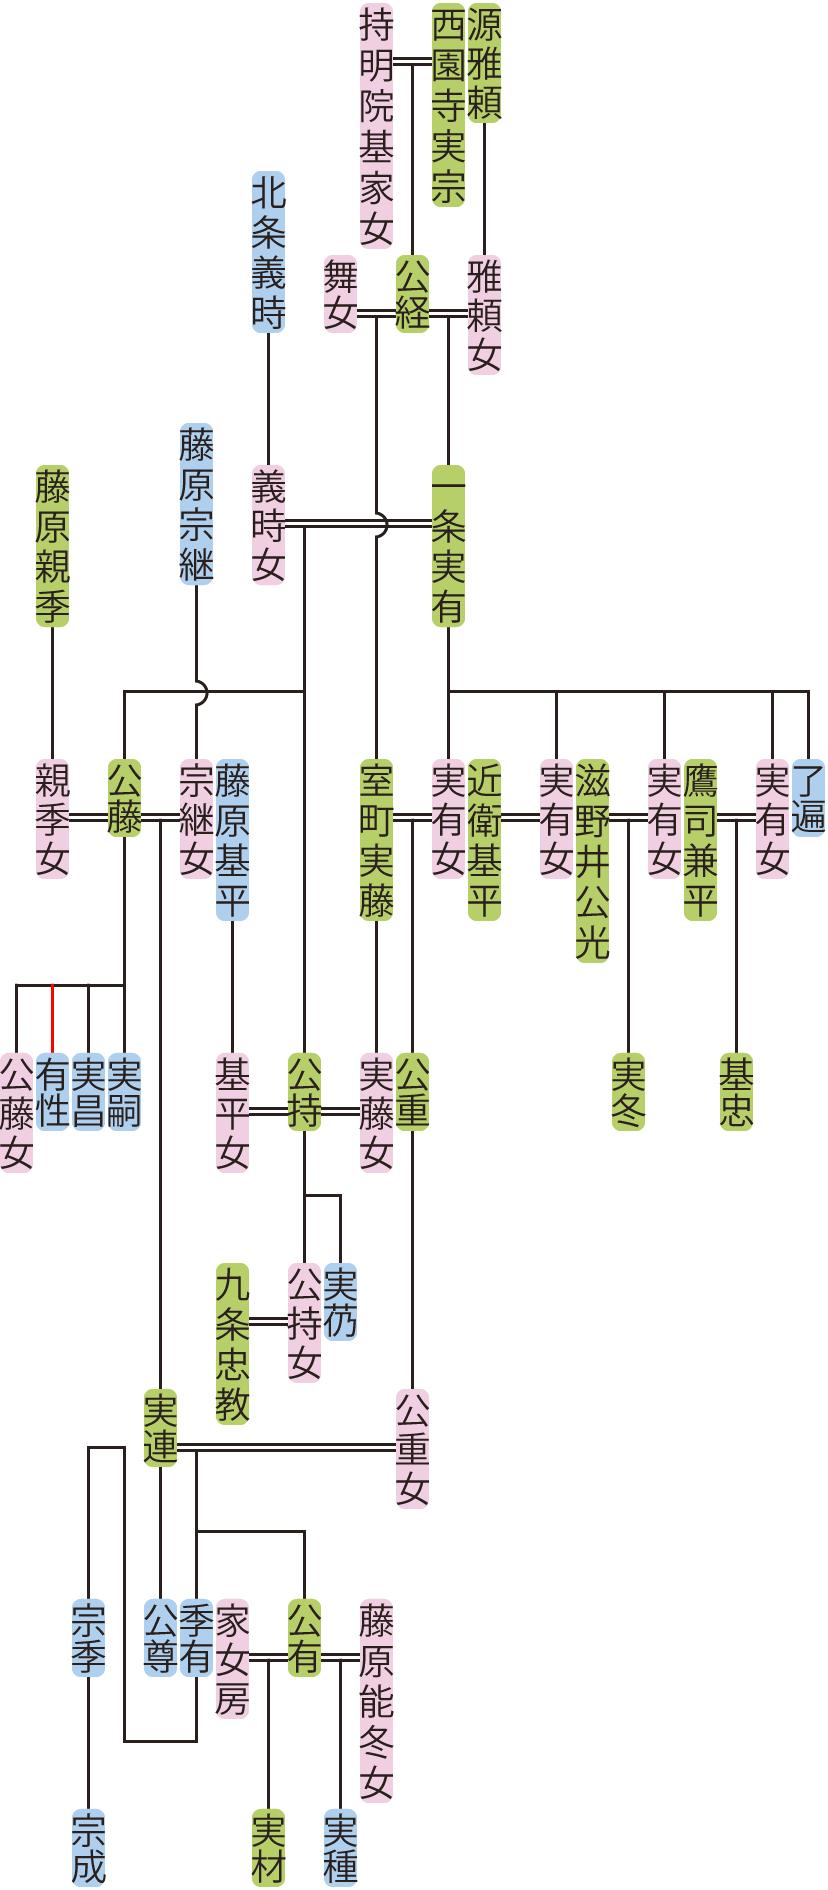 一条実有~実連の系図